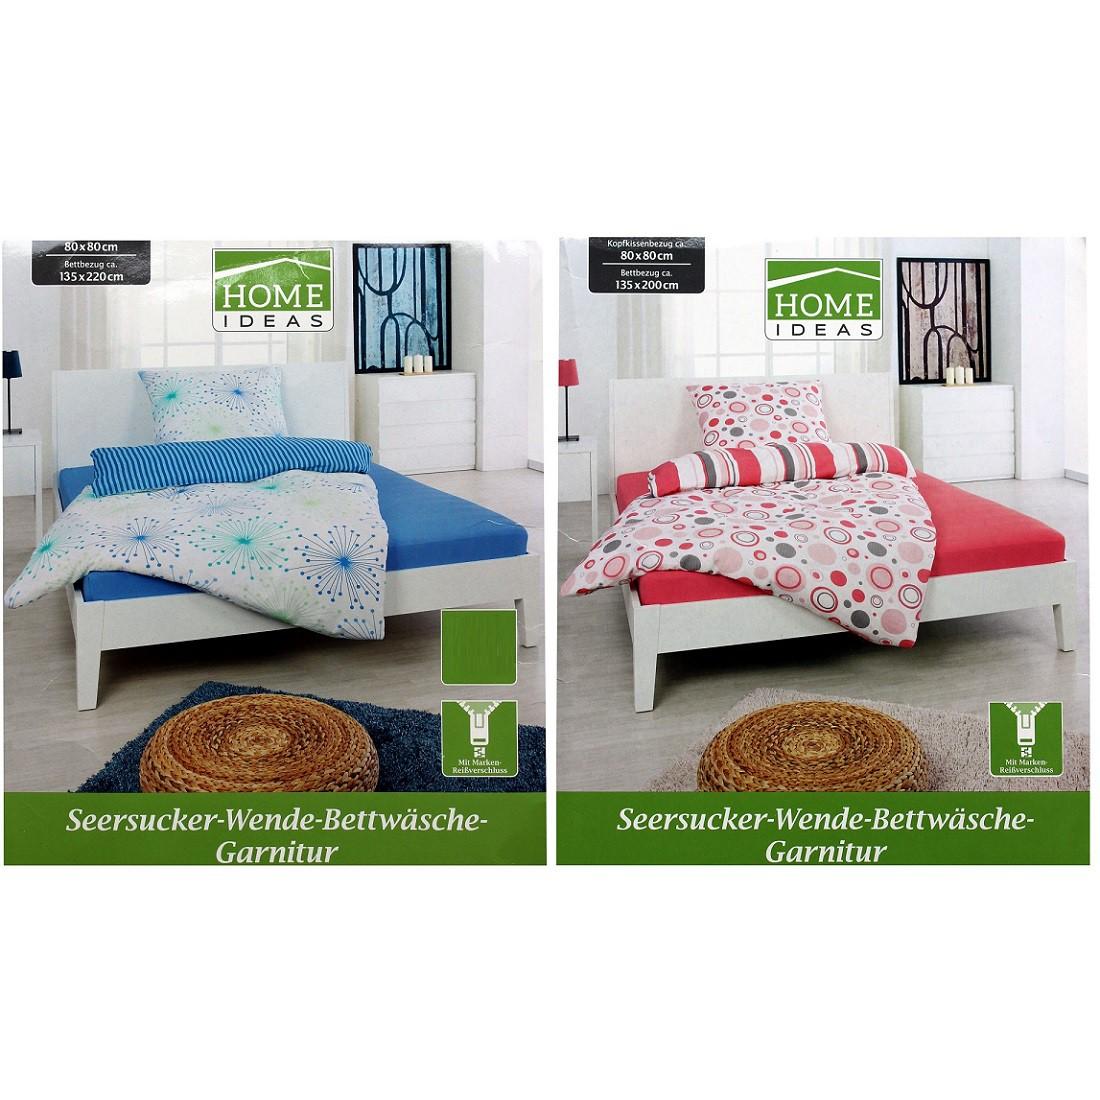 Home Ideas Seersucker-Wende-Bettwäsche-Garnitur 135 x 200 cm und 155 x 220 cm - blau oder rot